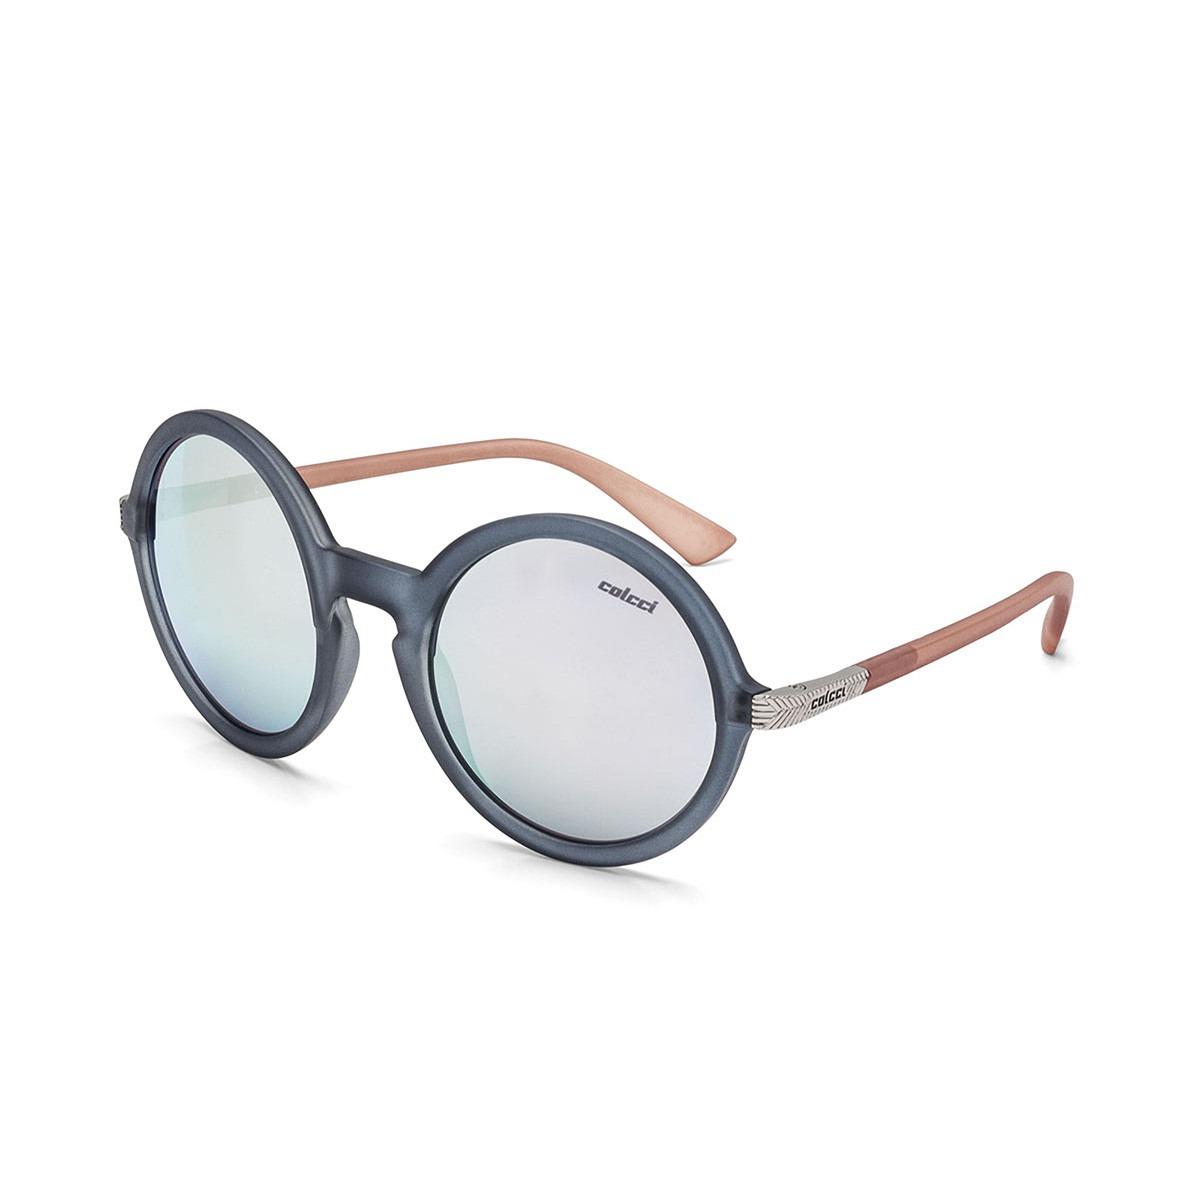 27fc39e4678ef Oculos Solar Colcci Janis C0029d5080 Gisele Bundchen - R  398